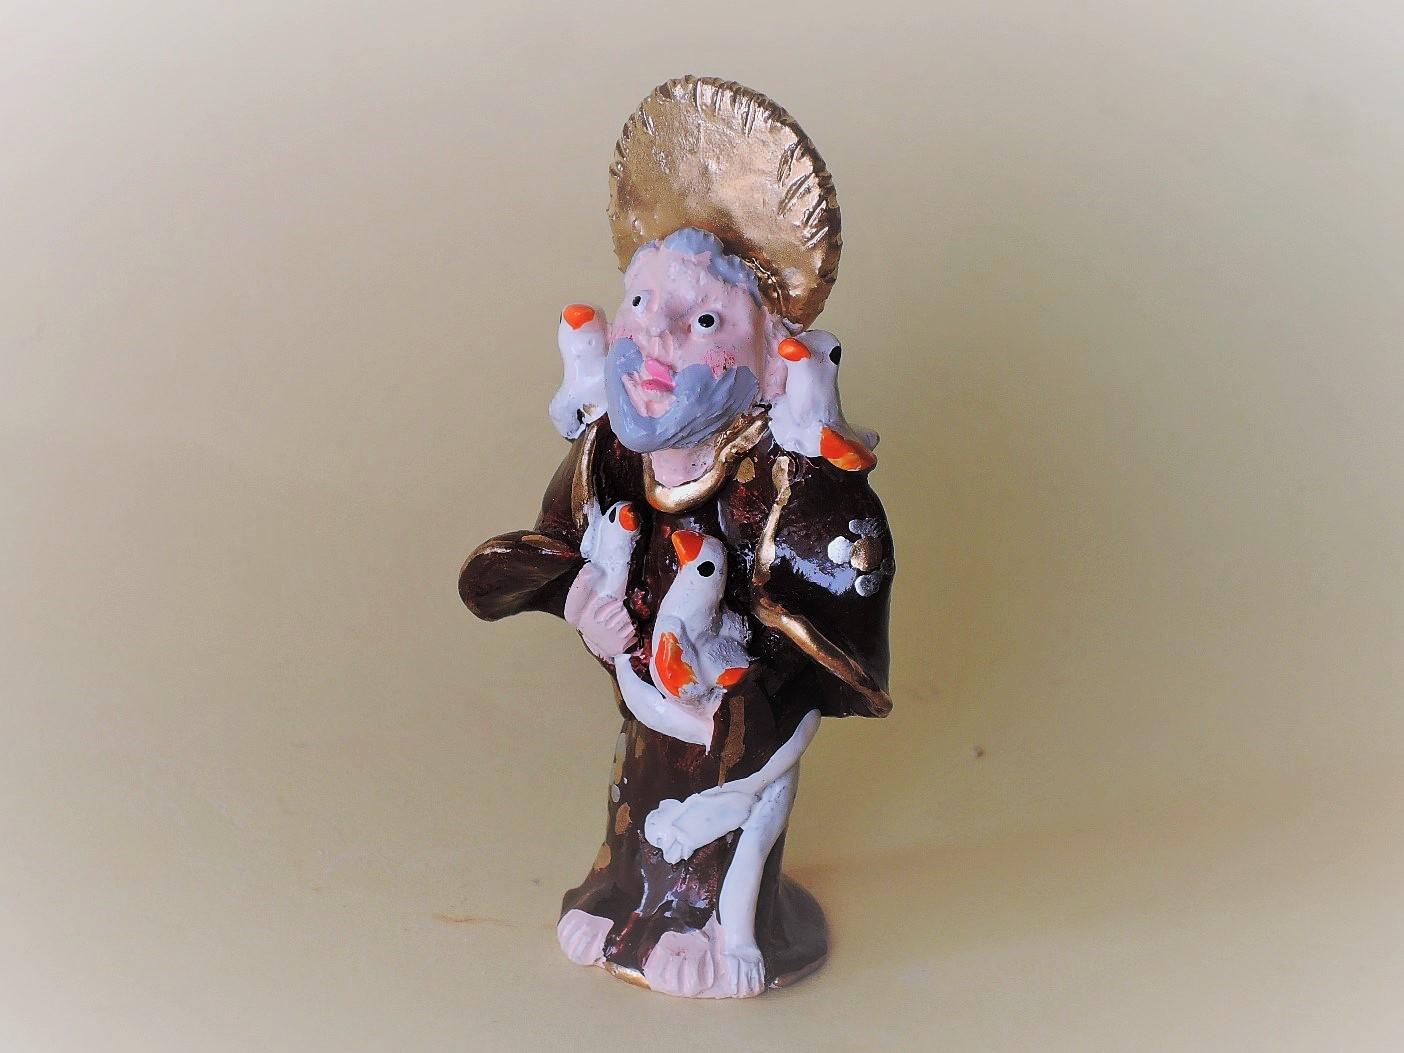 ポルトガル陶人形 ジョアンフェレイラ作品